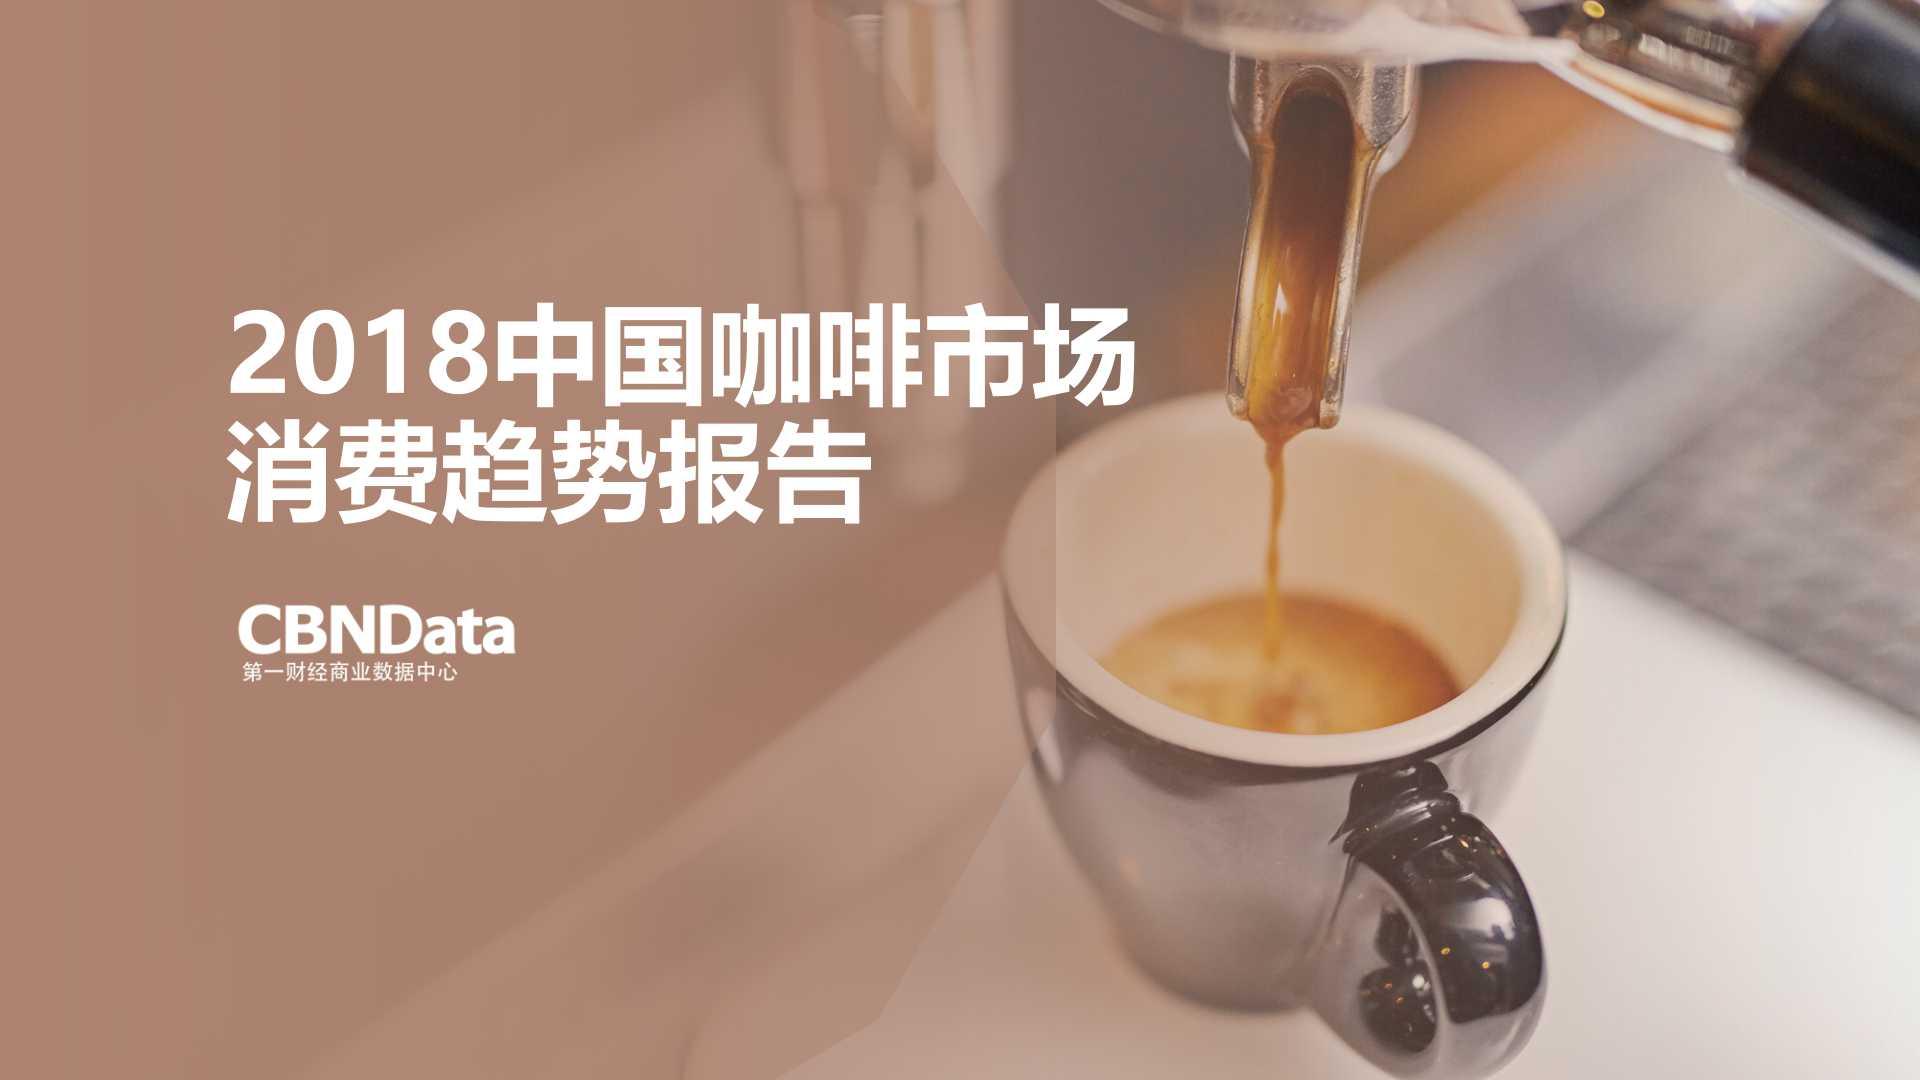 2018中国咖啡市场消费趋势报告